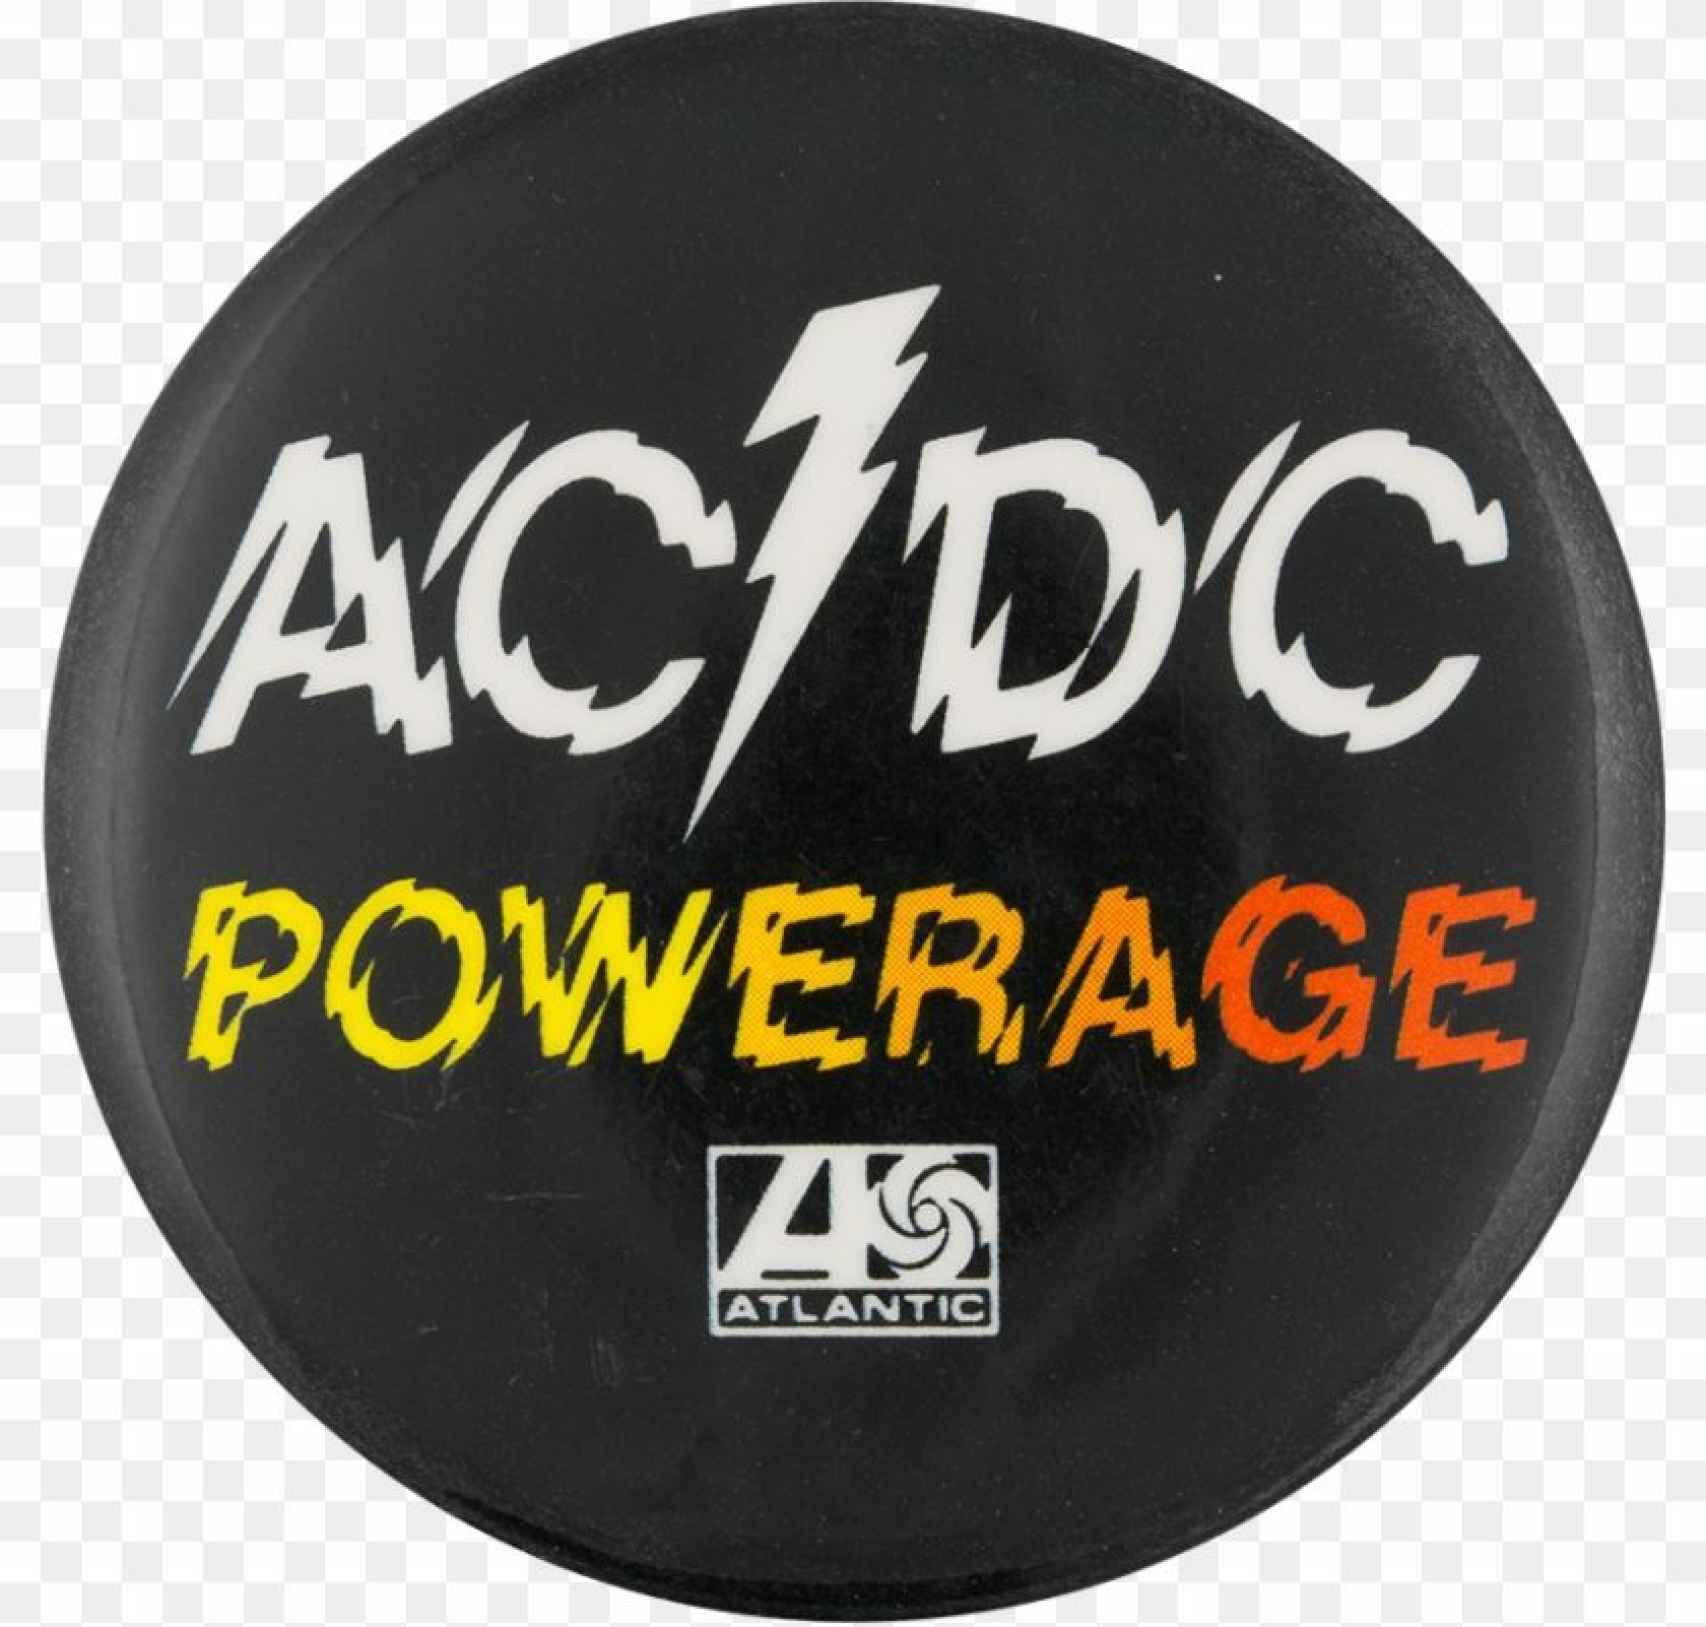 El logo usado en Powerage, que retiraron para usar el de Huerta.